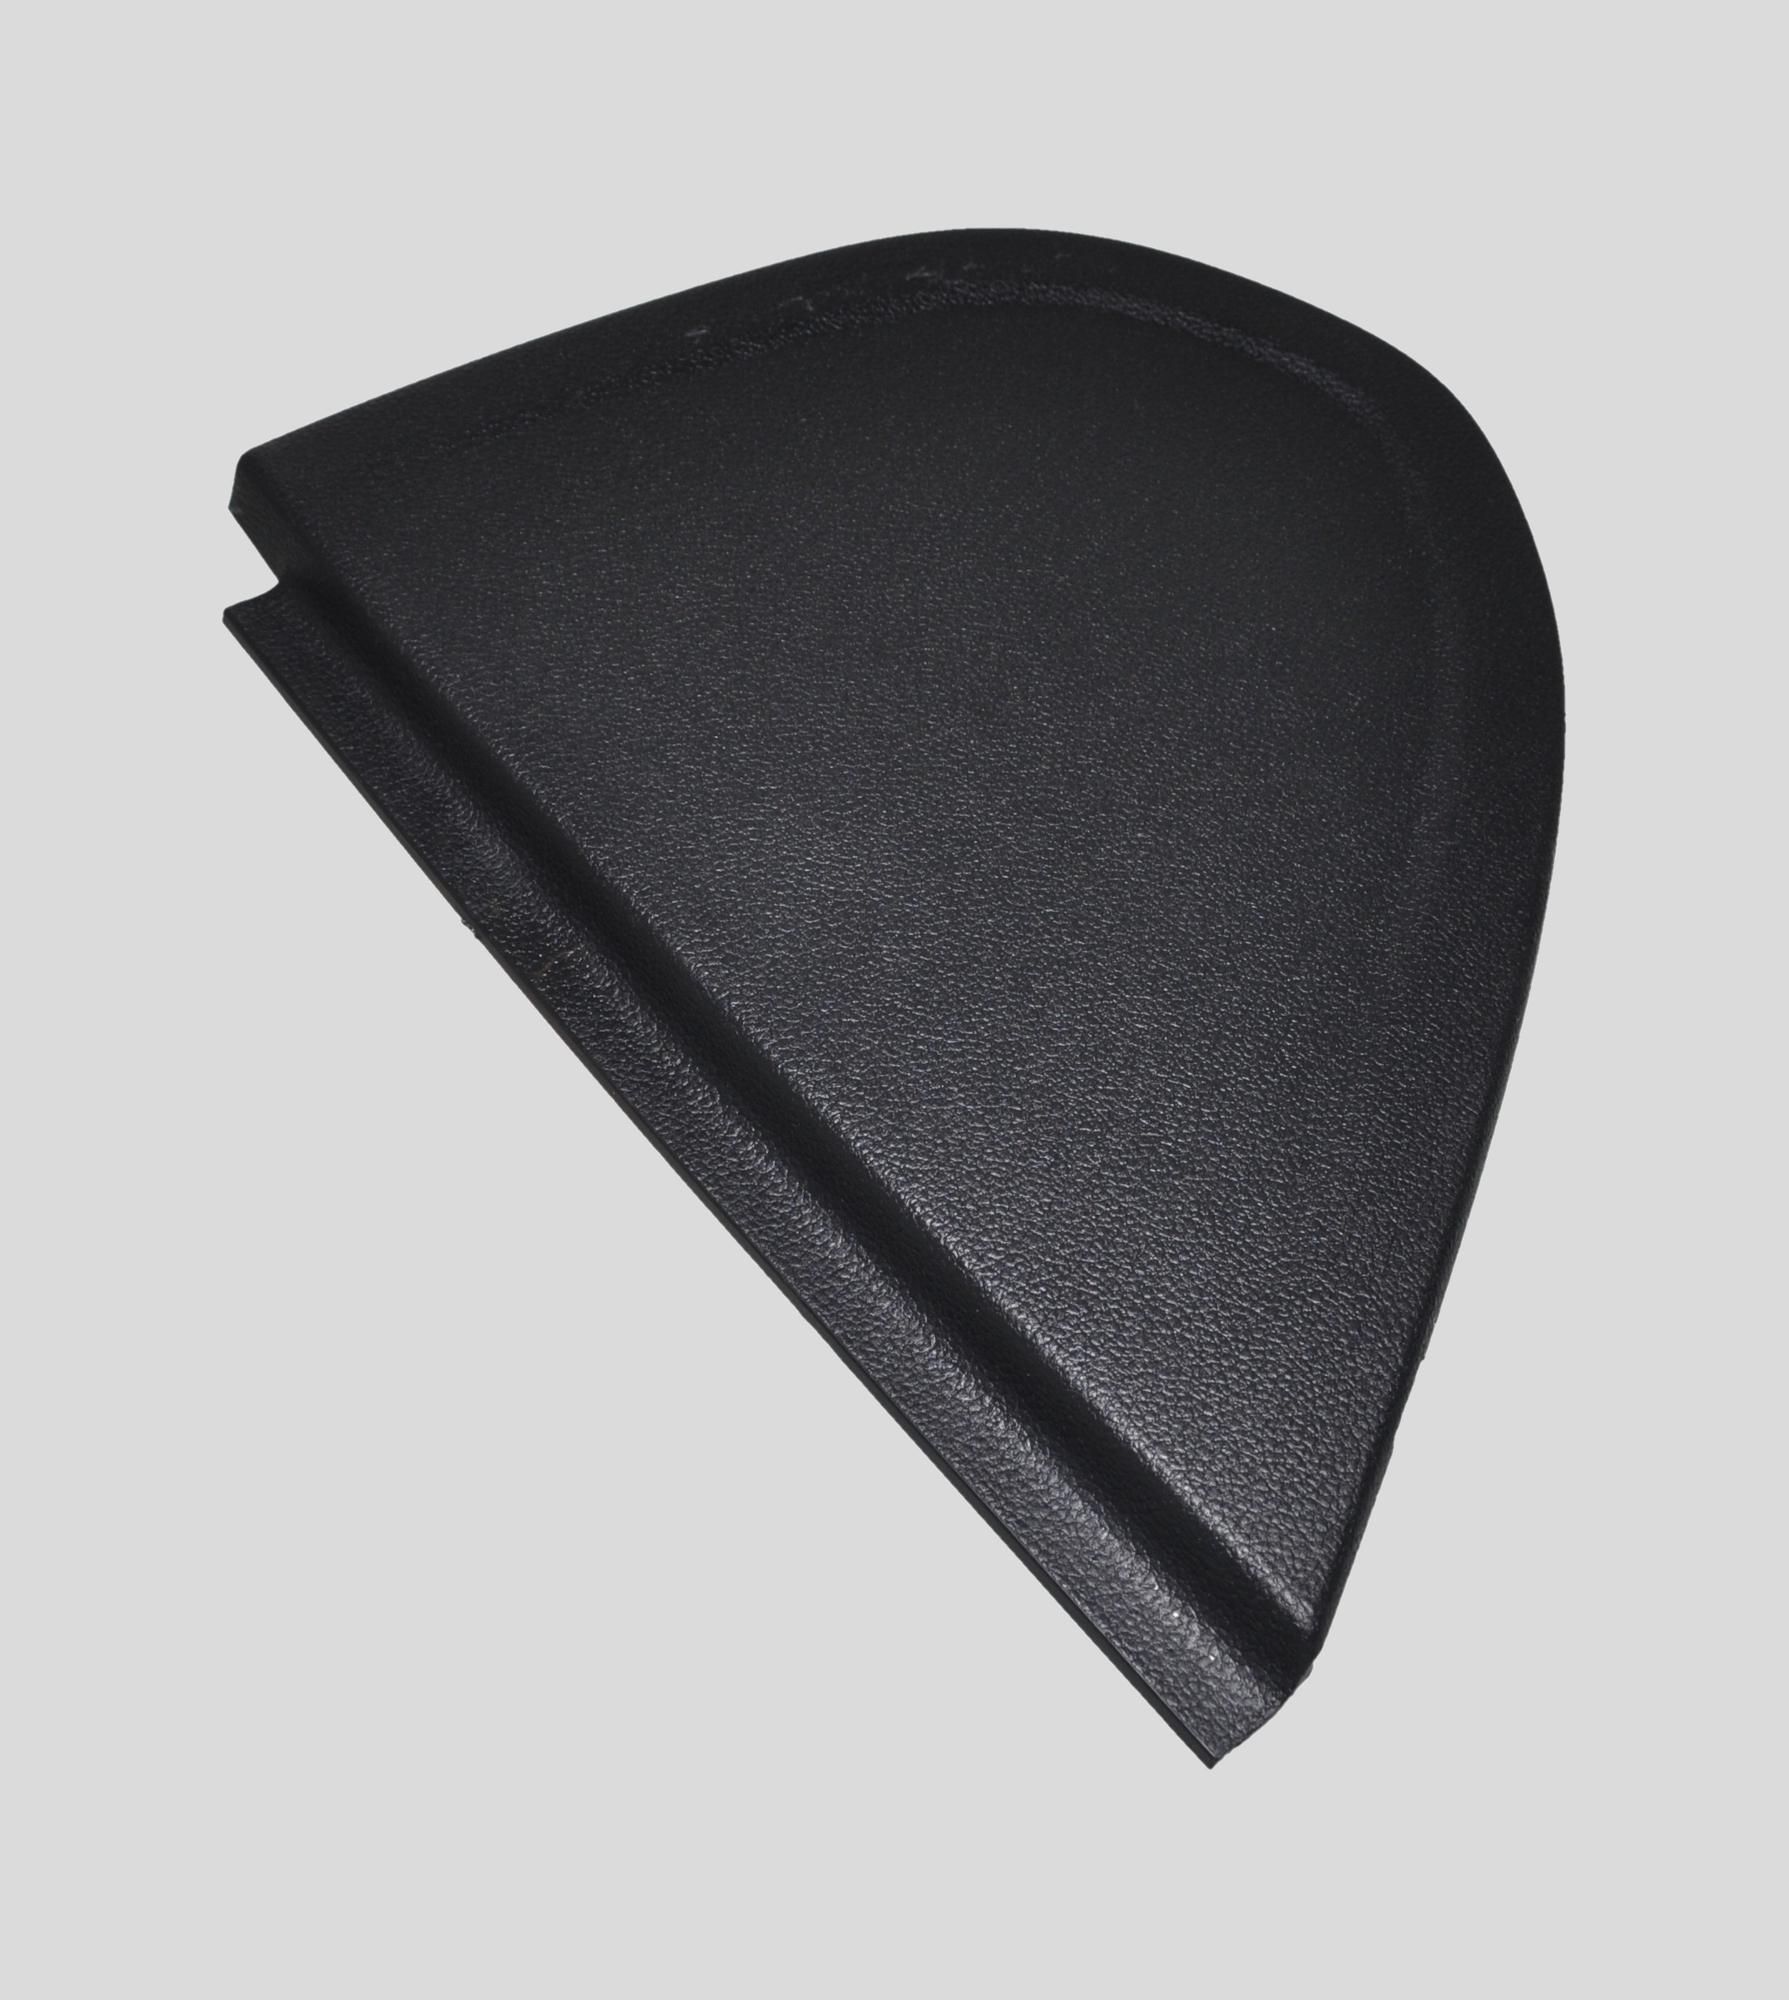 Skoda Citigo Original Abdeckung Armaturenbrett links titanschwarz 1S0858247